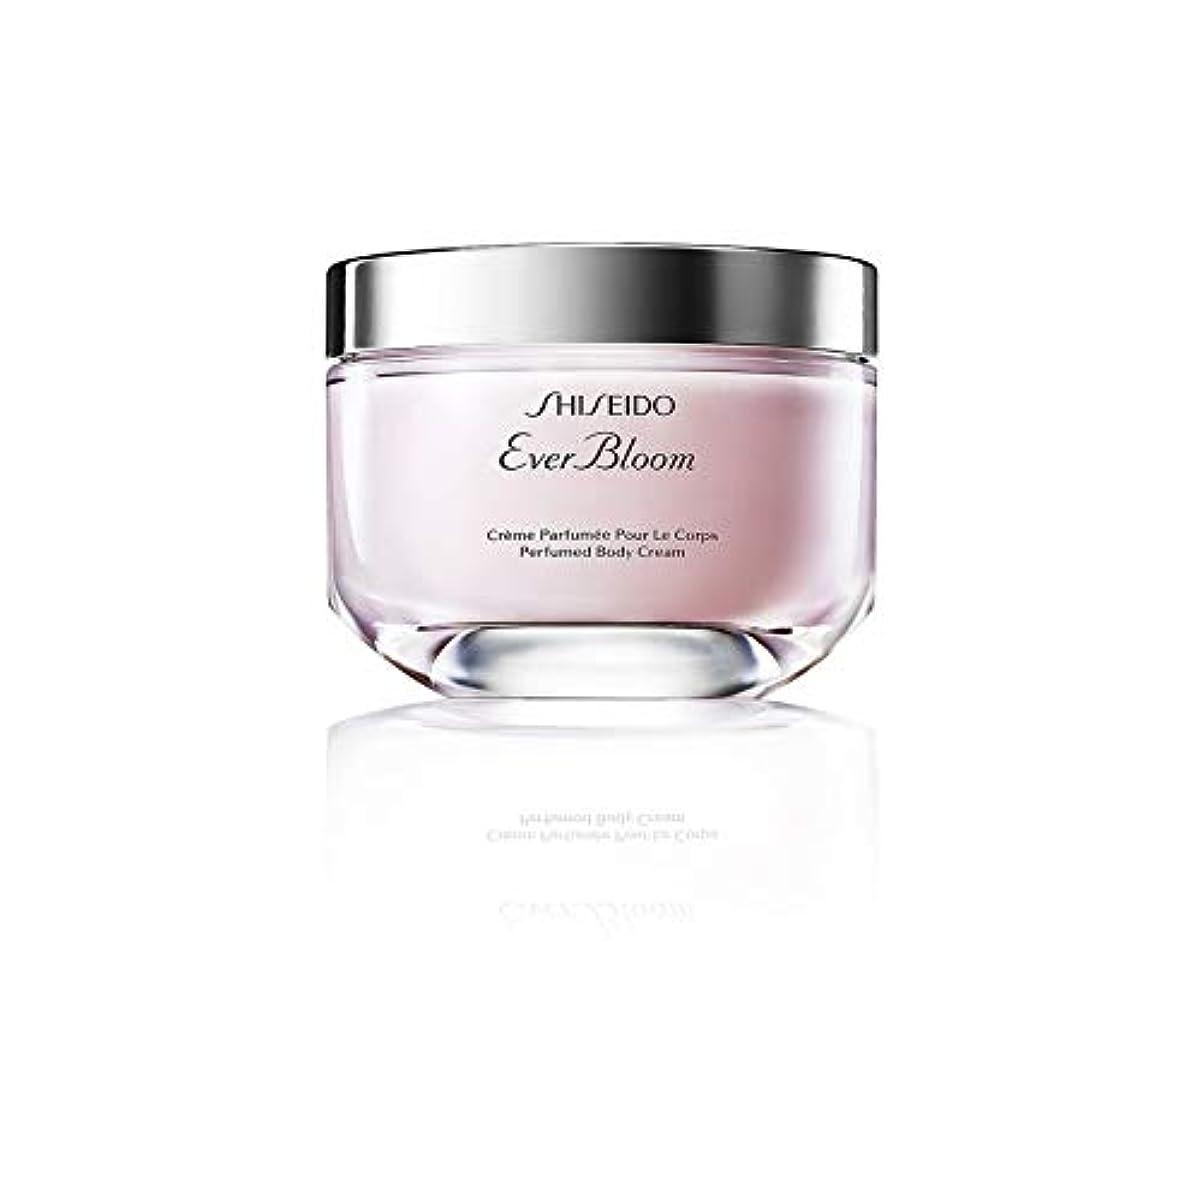 肉の数学構築する[Shiseido] 資生堂これまでブルームボディクリーム(30ミリリットル) - Shiseido Ever Bloom Body Cream (30ml) [並行輸入品]